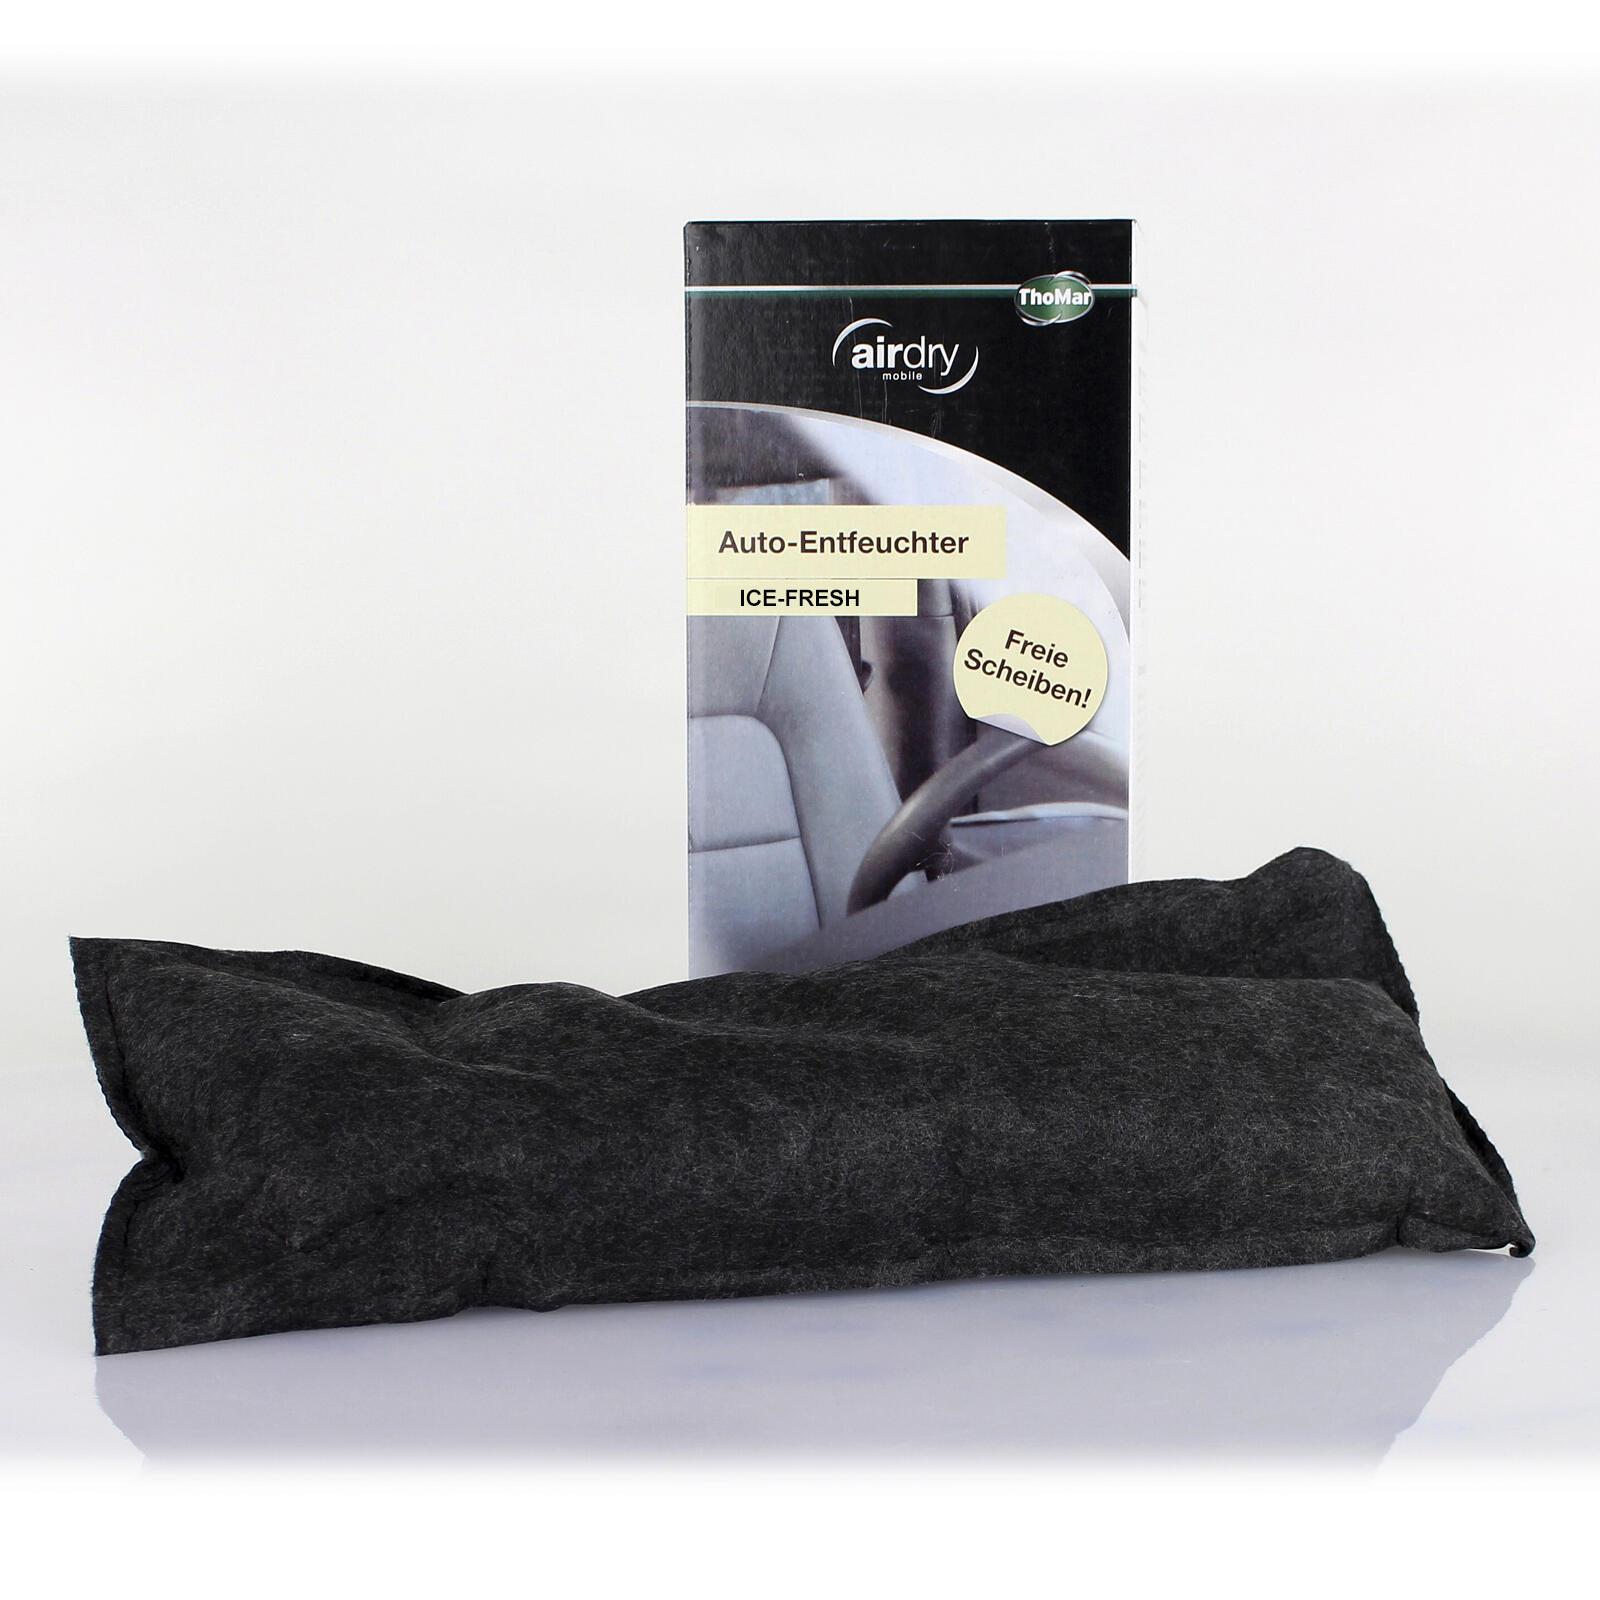 ThoMar AirDry Entfeuchter Luftentfeuchter Antibeschlag // 1 kg - Duft Ice Fresh